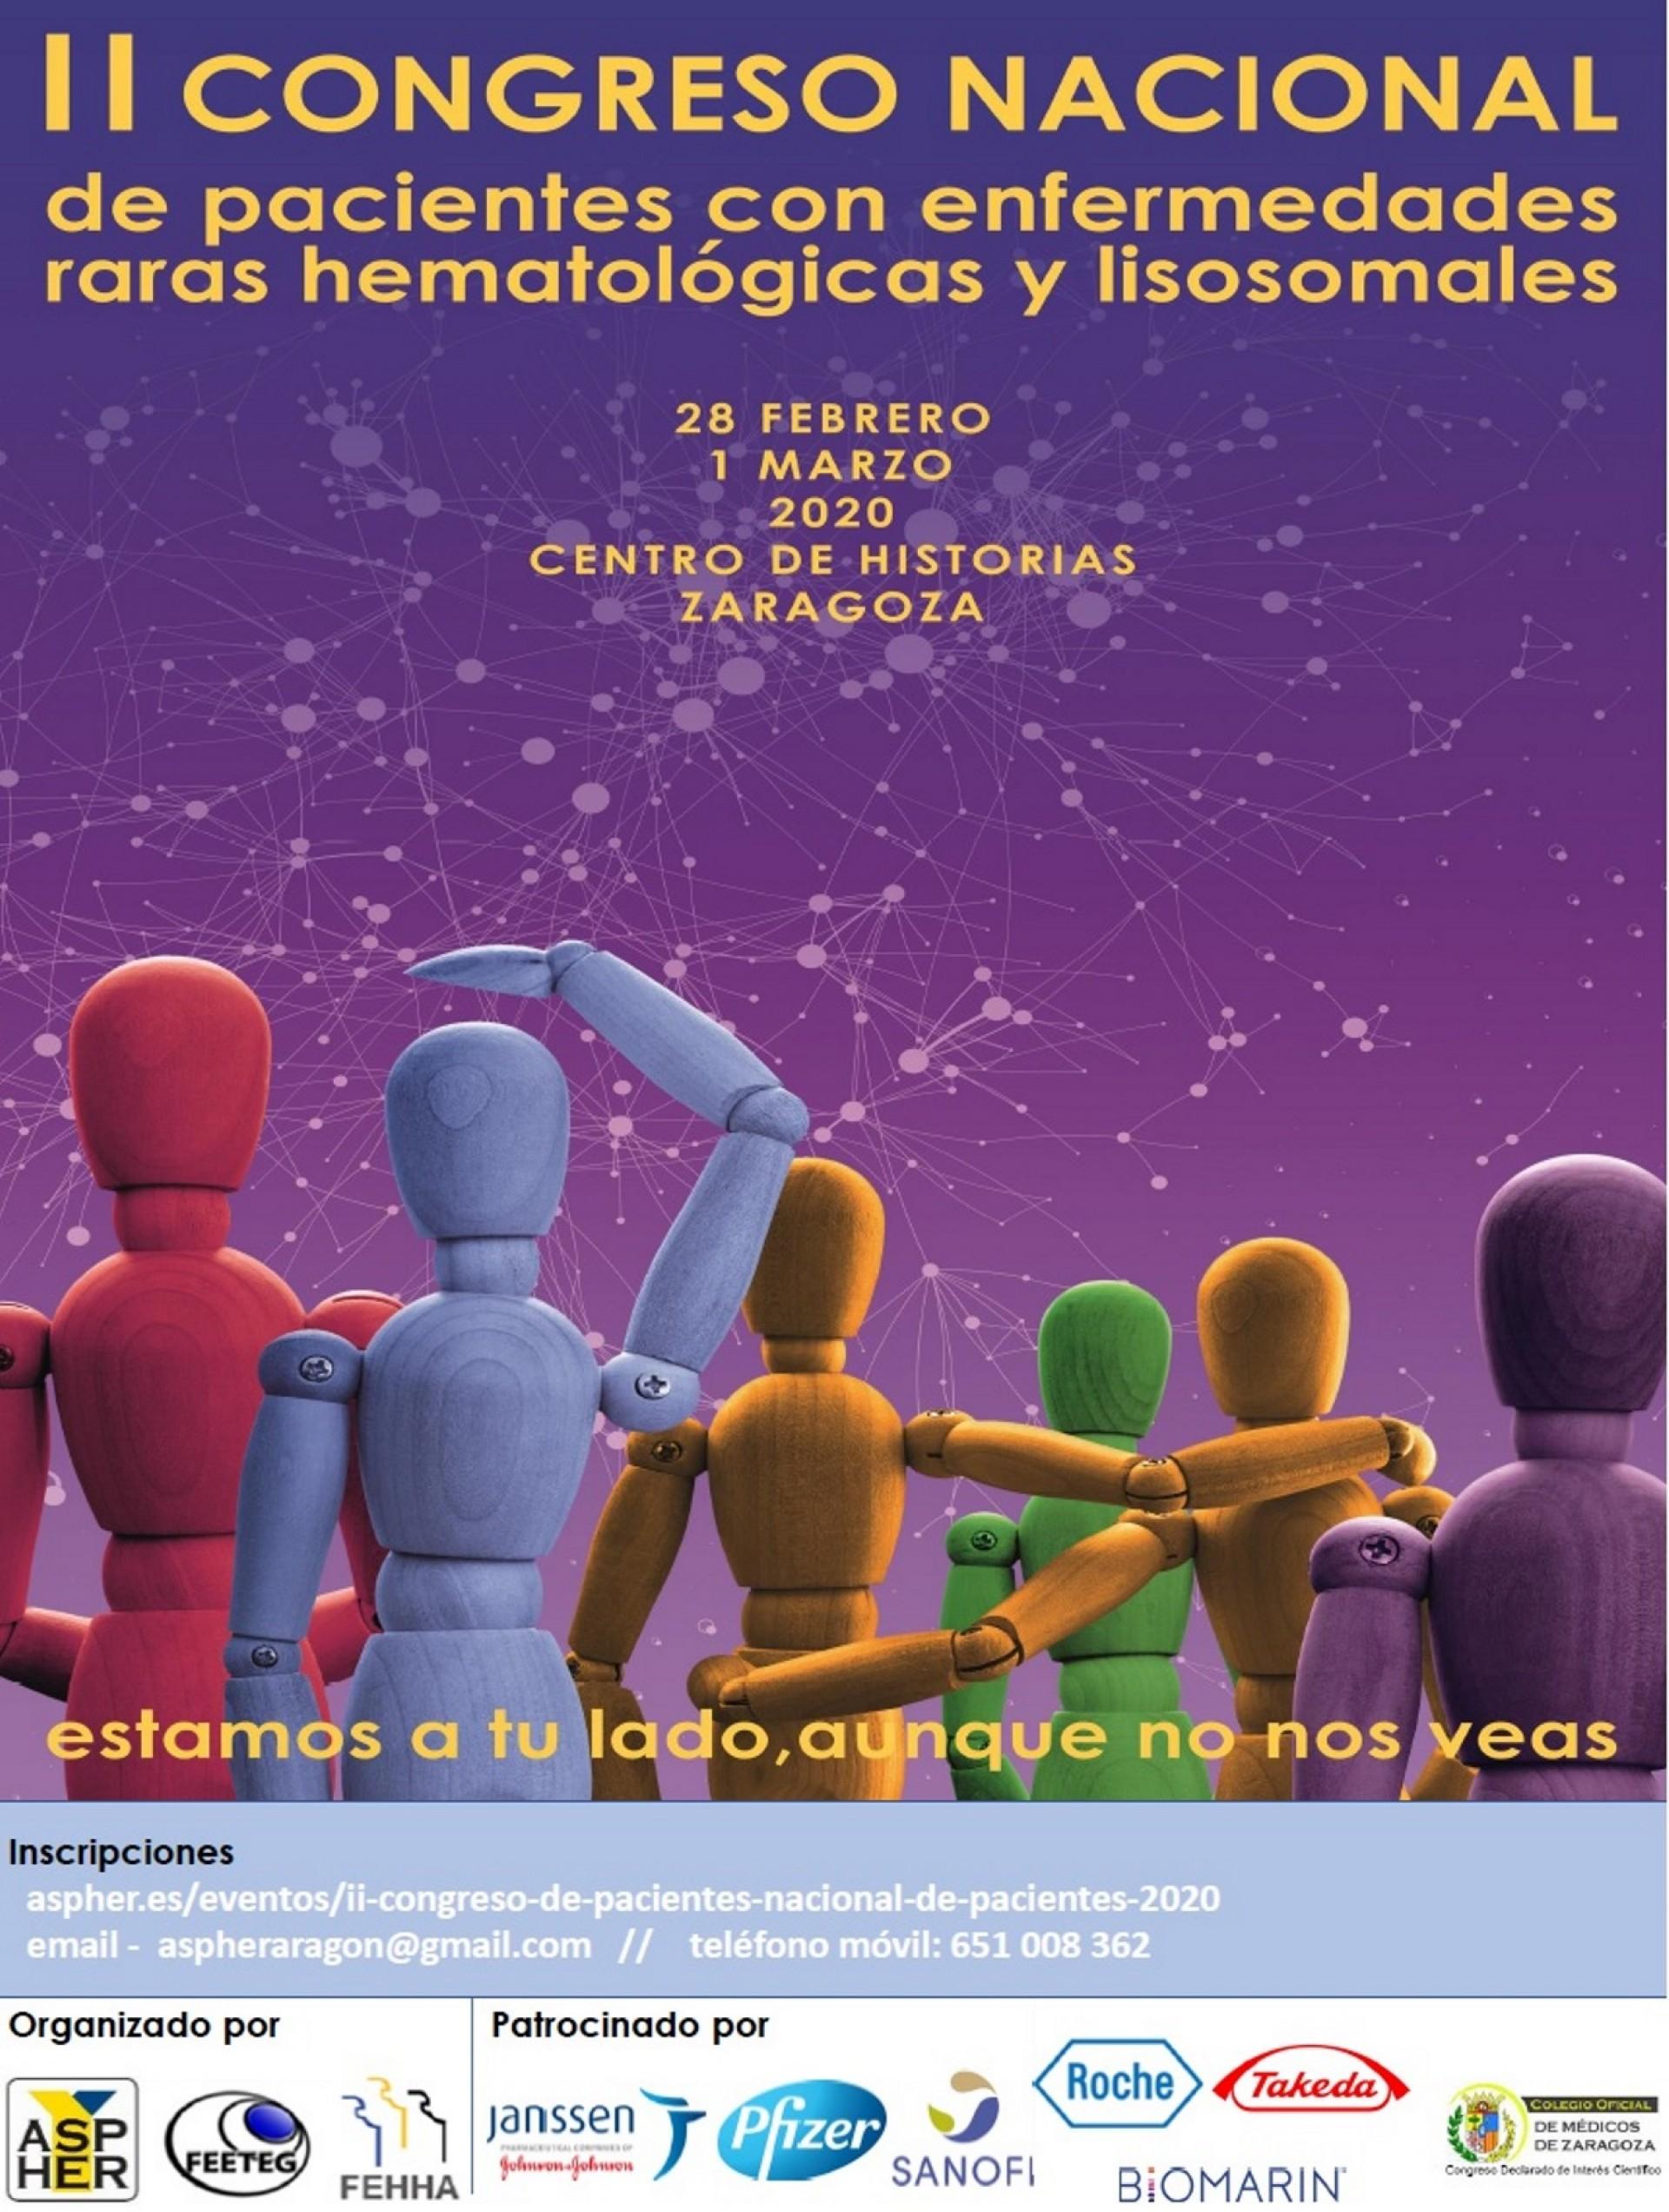 La Asociación de Pacientes de Enfermedades Hematológicas Raras pide que se consiga en Aragón la práctica de la medicina personalizada y de precisión, ajustada al paciente y a la enfermedad